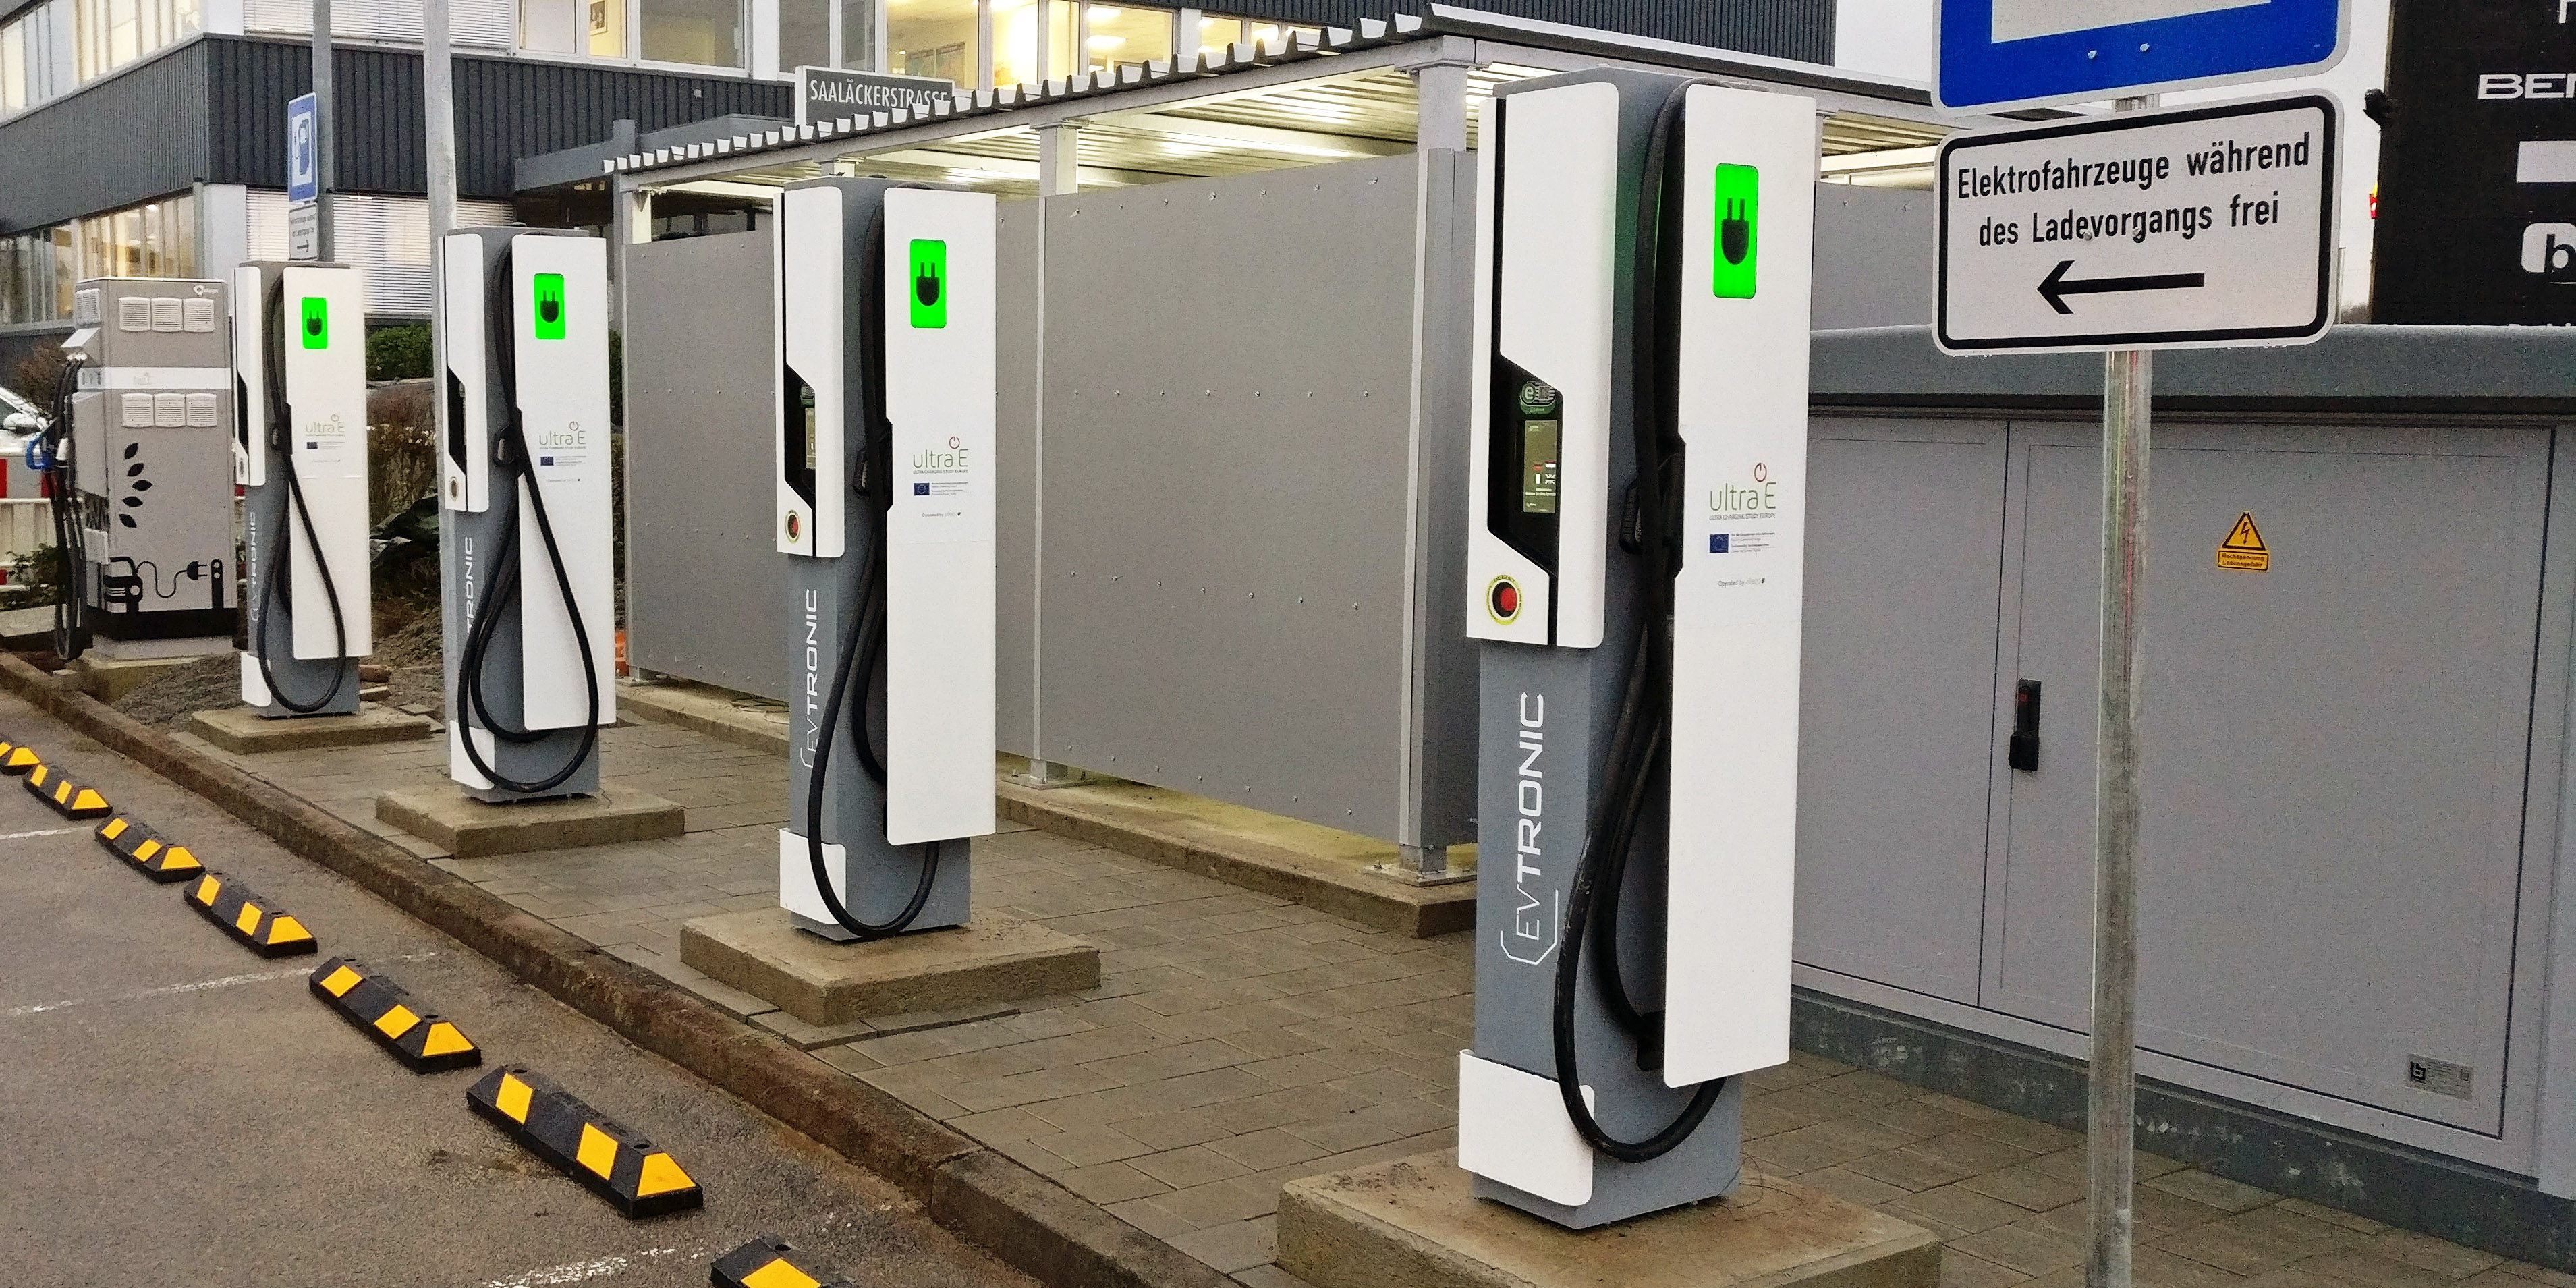 """Résultat de recherche d'images pour """"charging EV car deutschland"""""""